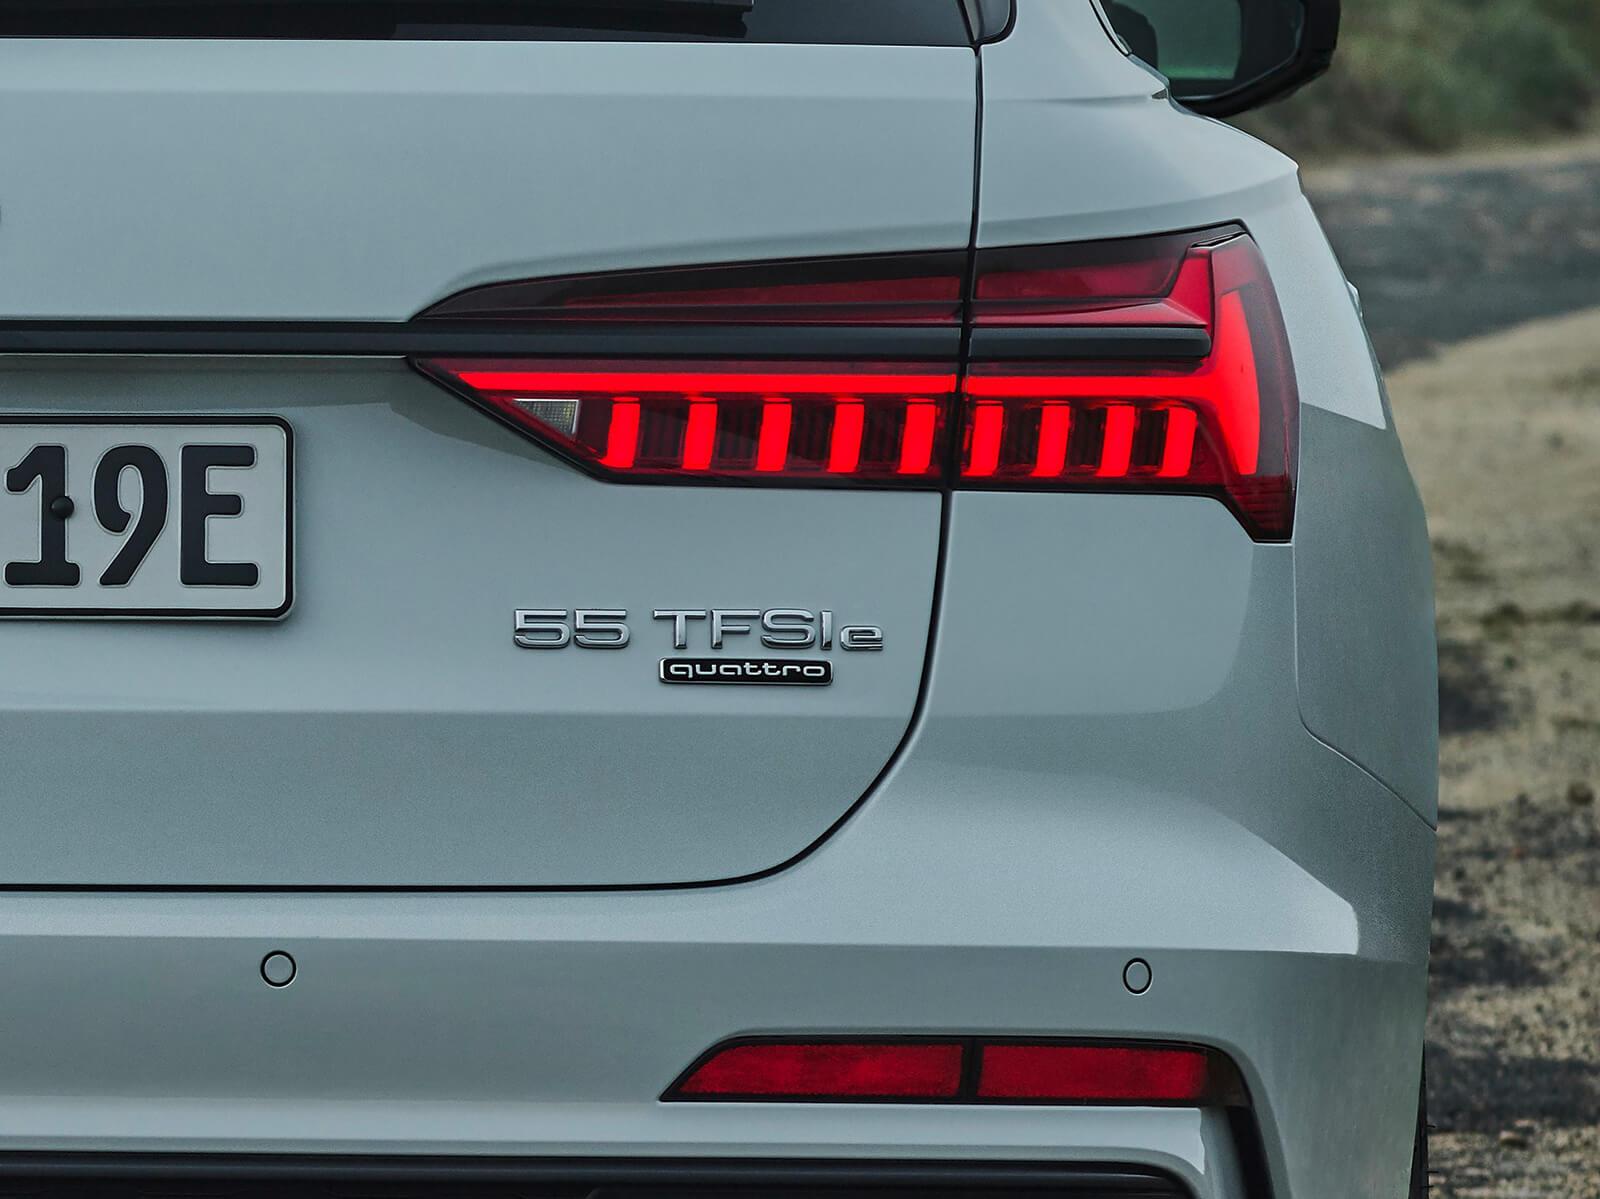 Νέο Audi A6 Avant TFSI e quattro - Λεπτομέρεια πίσω όψη